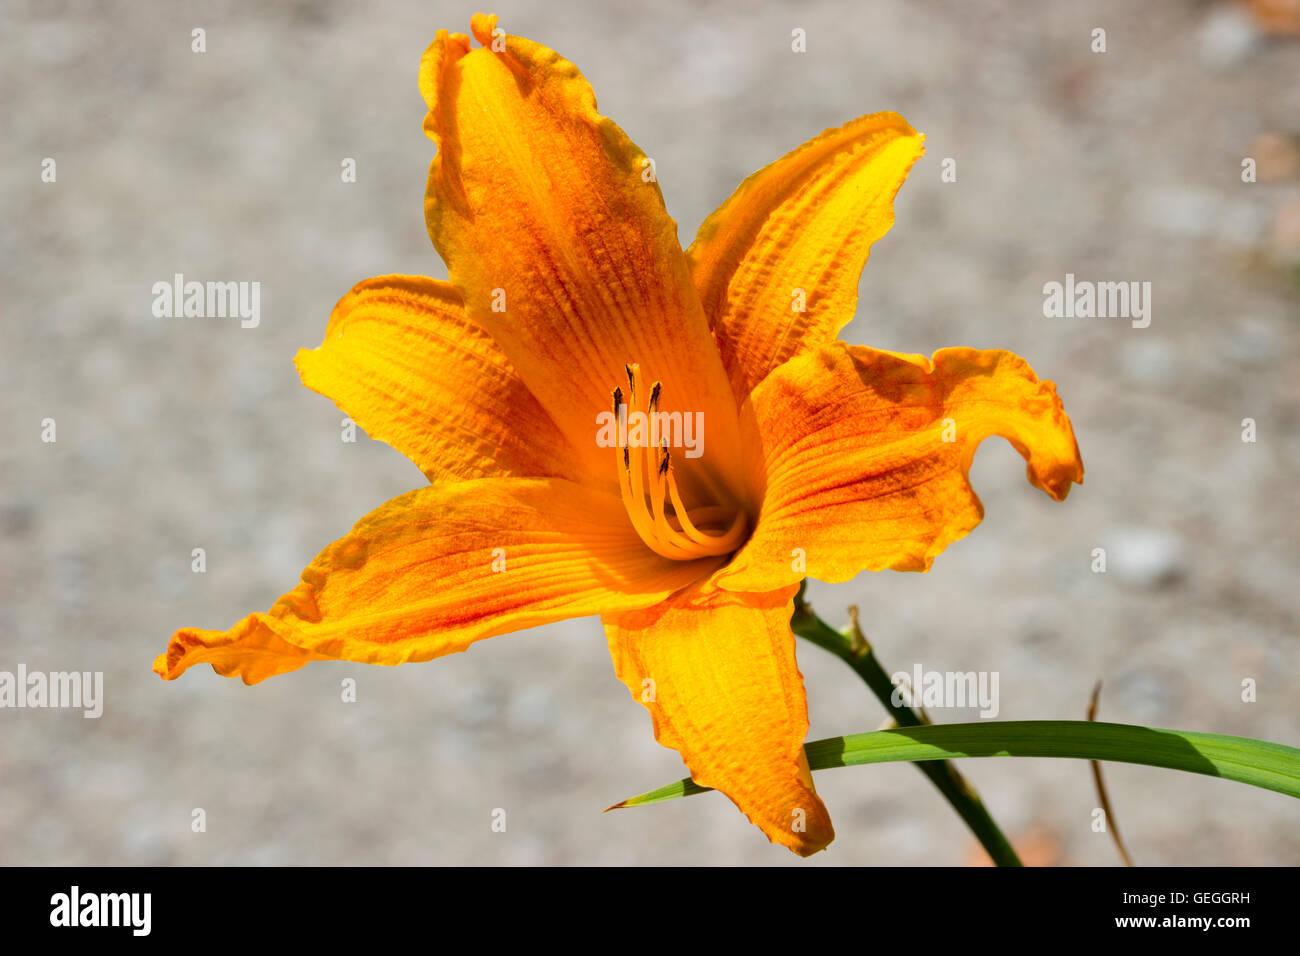 Vivid naranja amarillo flor de trompeta de el lirio de día, Hemerocallis 'quemar' de luz diurna Imagen De Stock